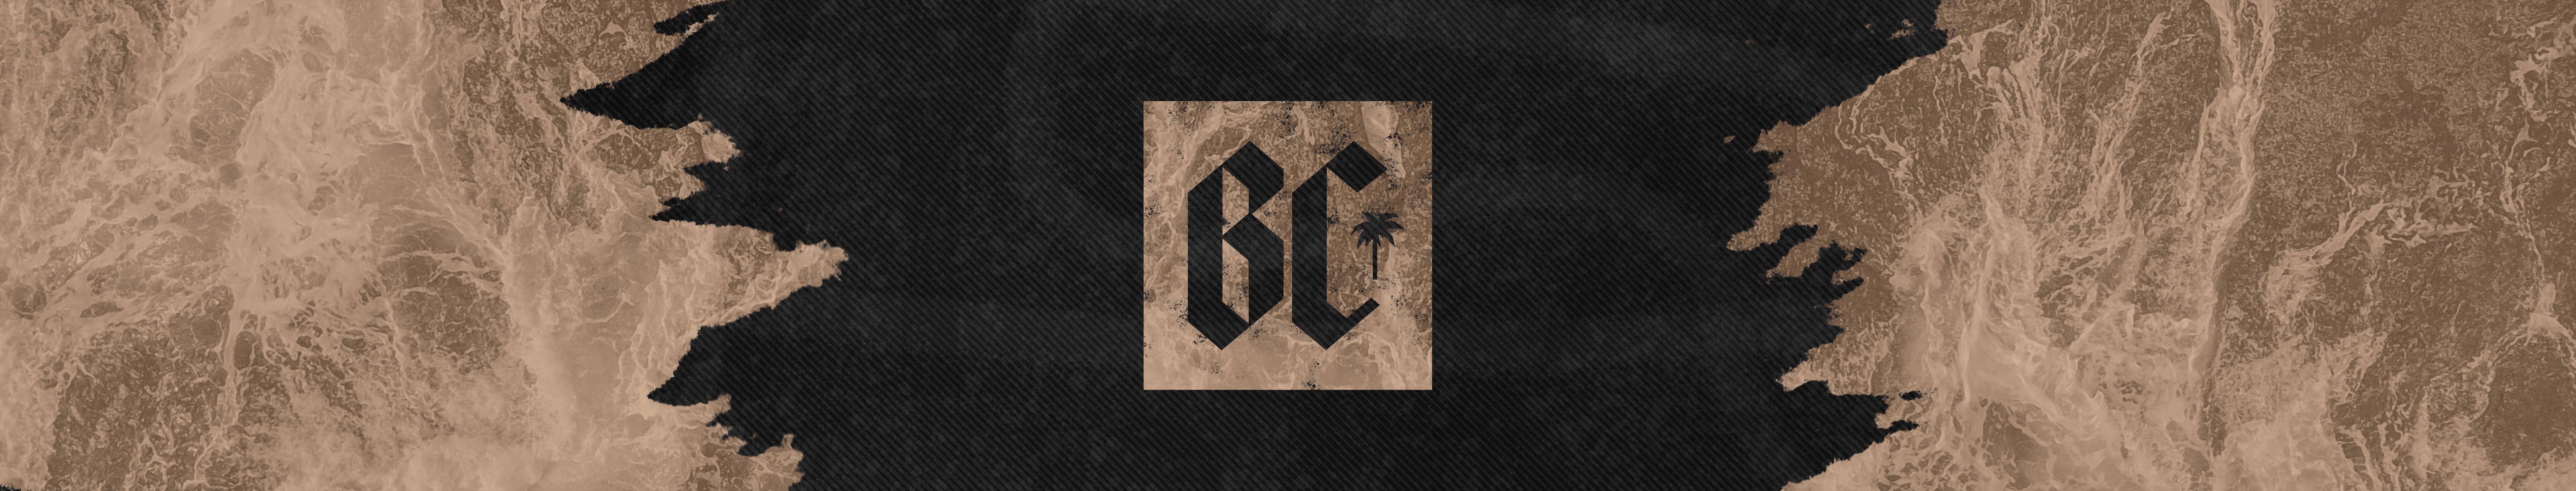 Bc slide main